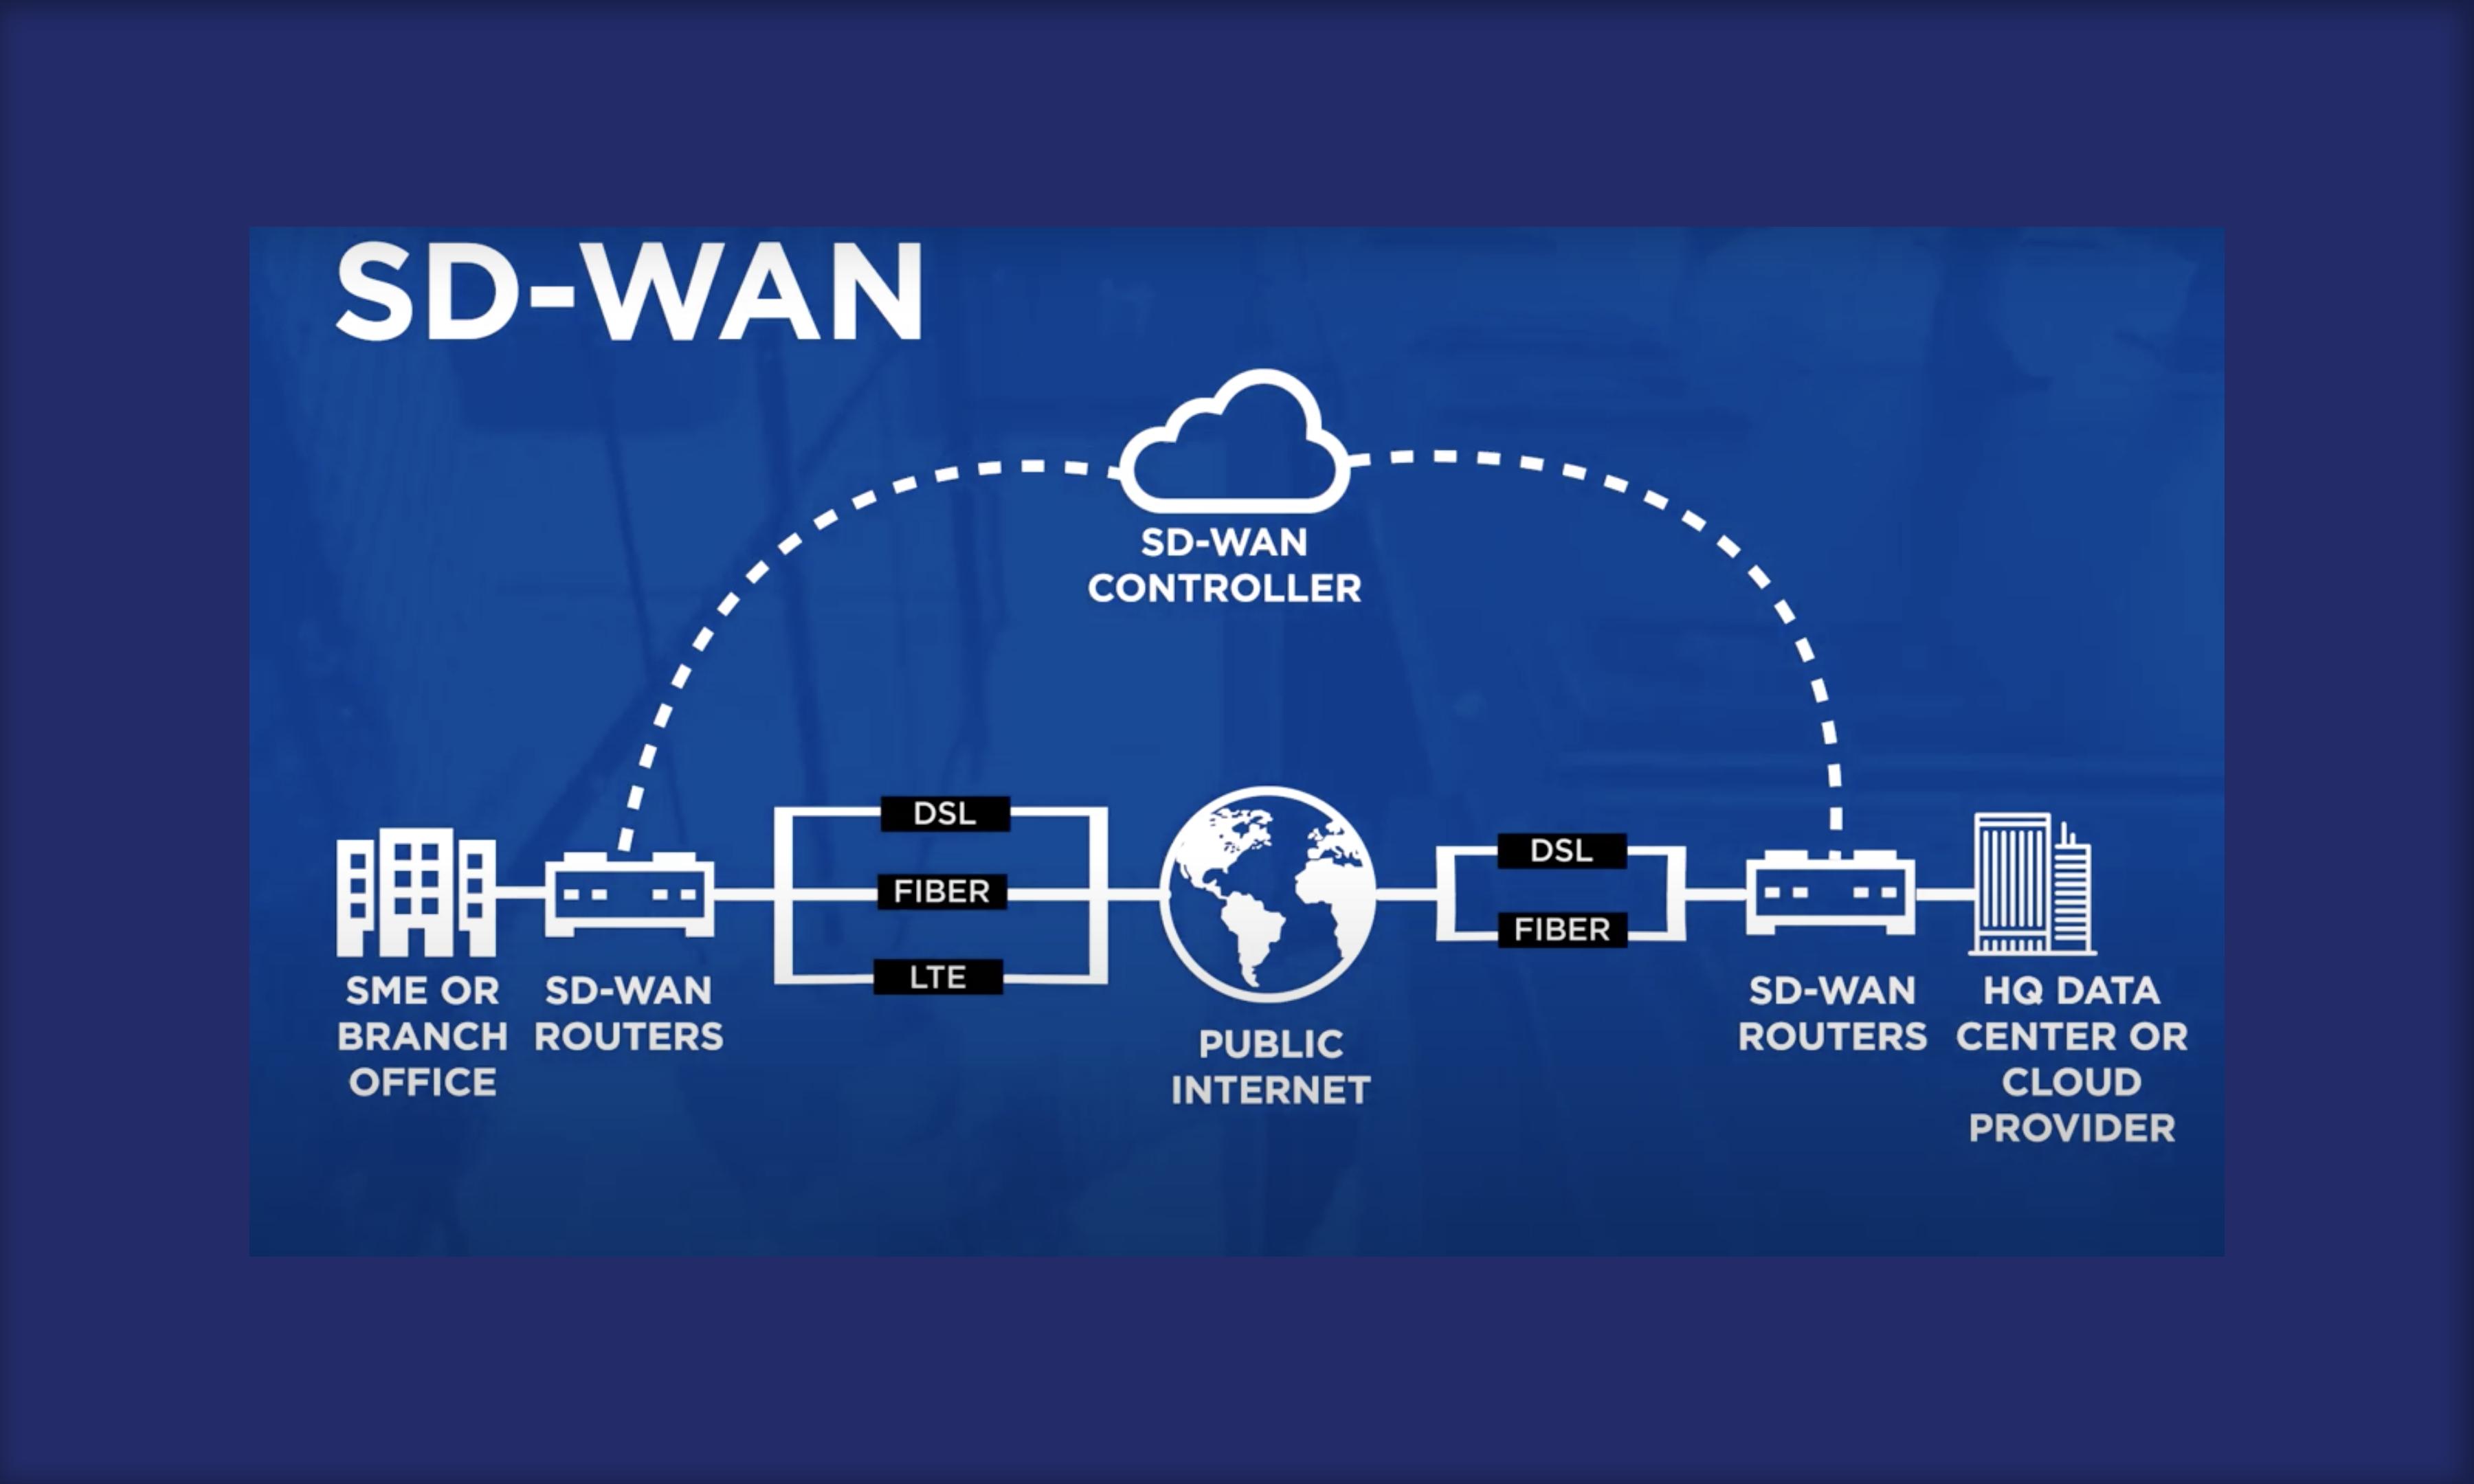 تکنولوژی SD-WAN چیست؟